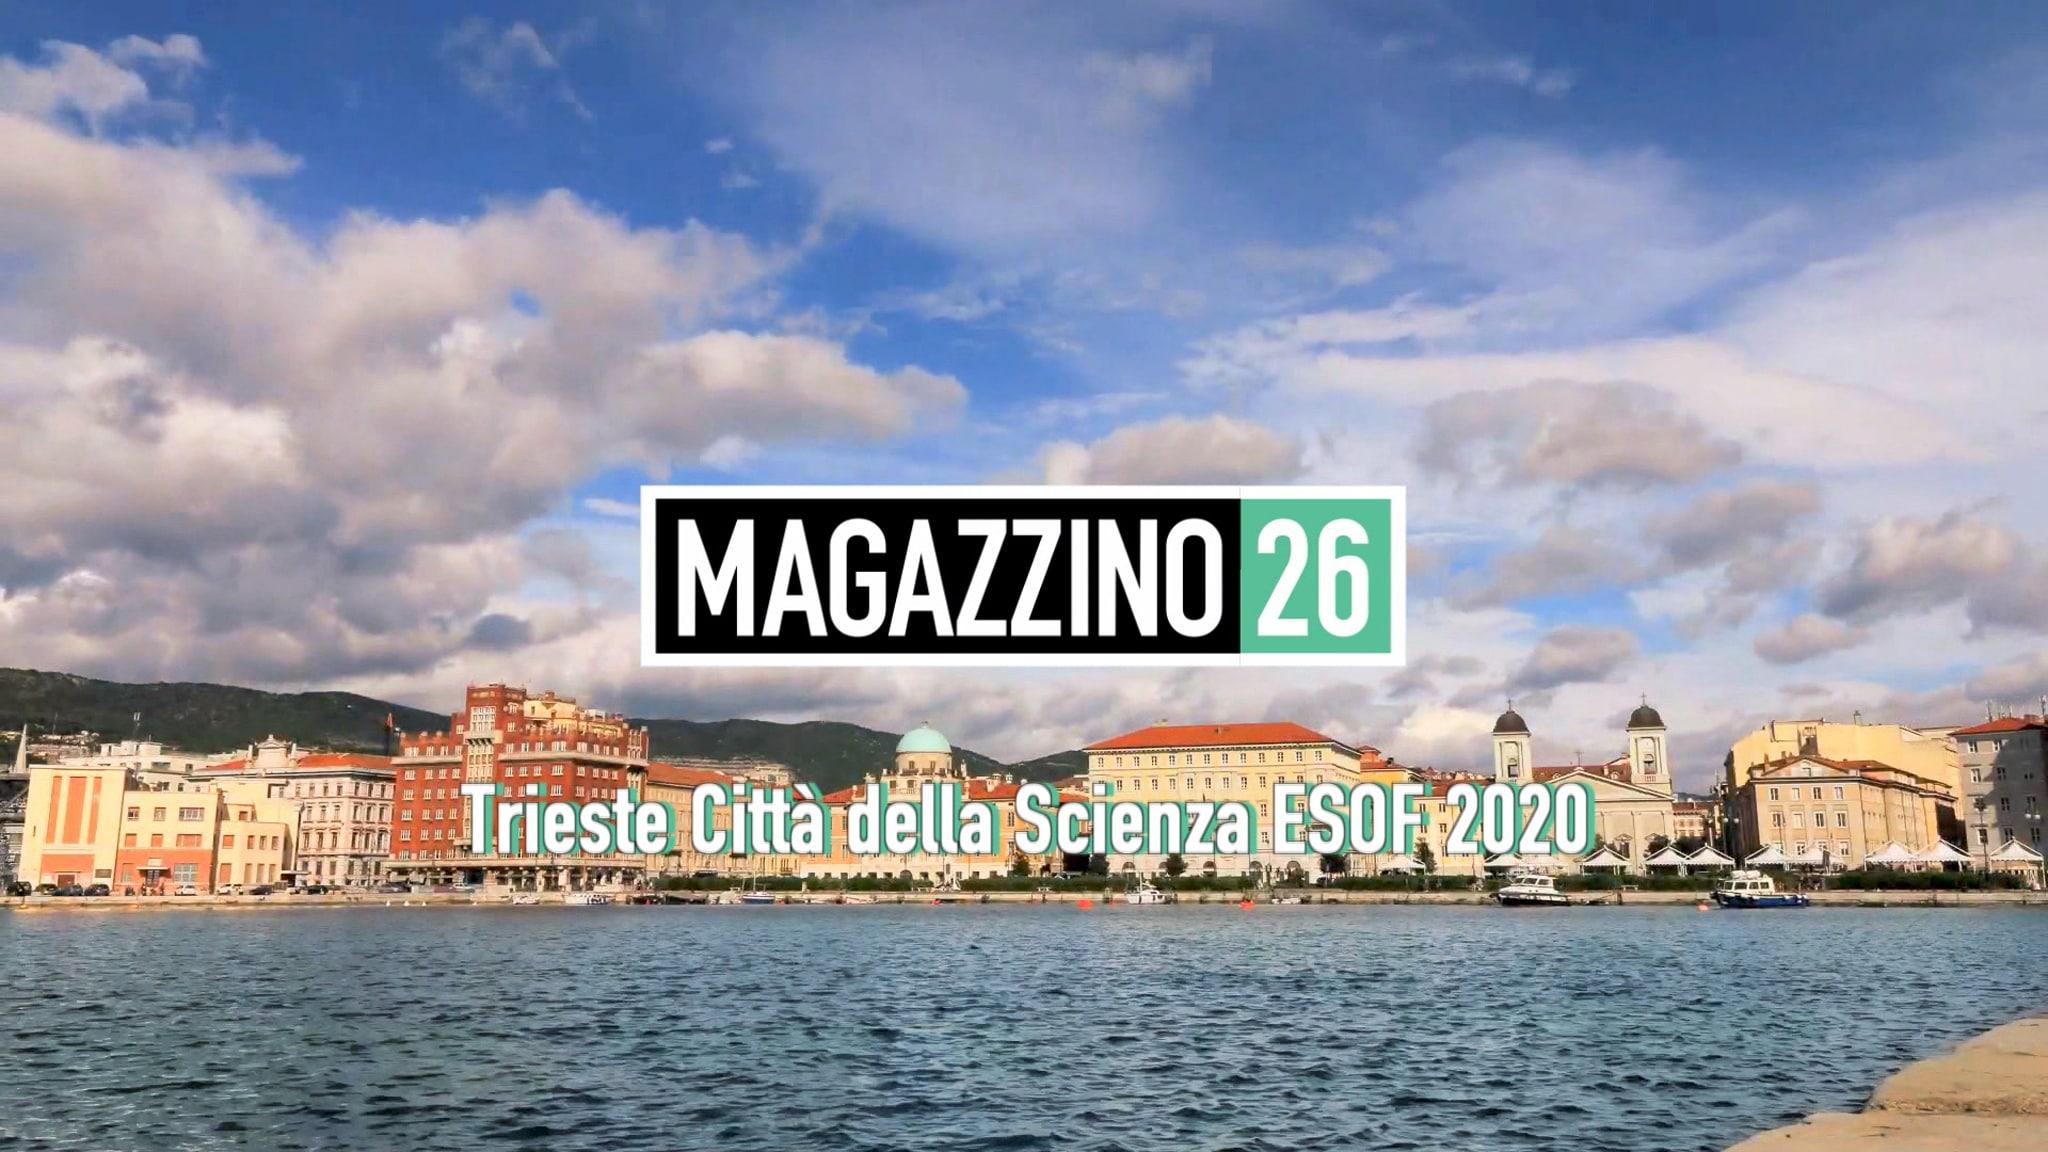 Rai Scuola Magazzino 26 - Trieste Città della Scienza ESOF 2020 Episodio 2 Replica